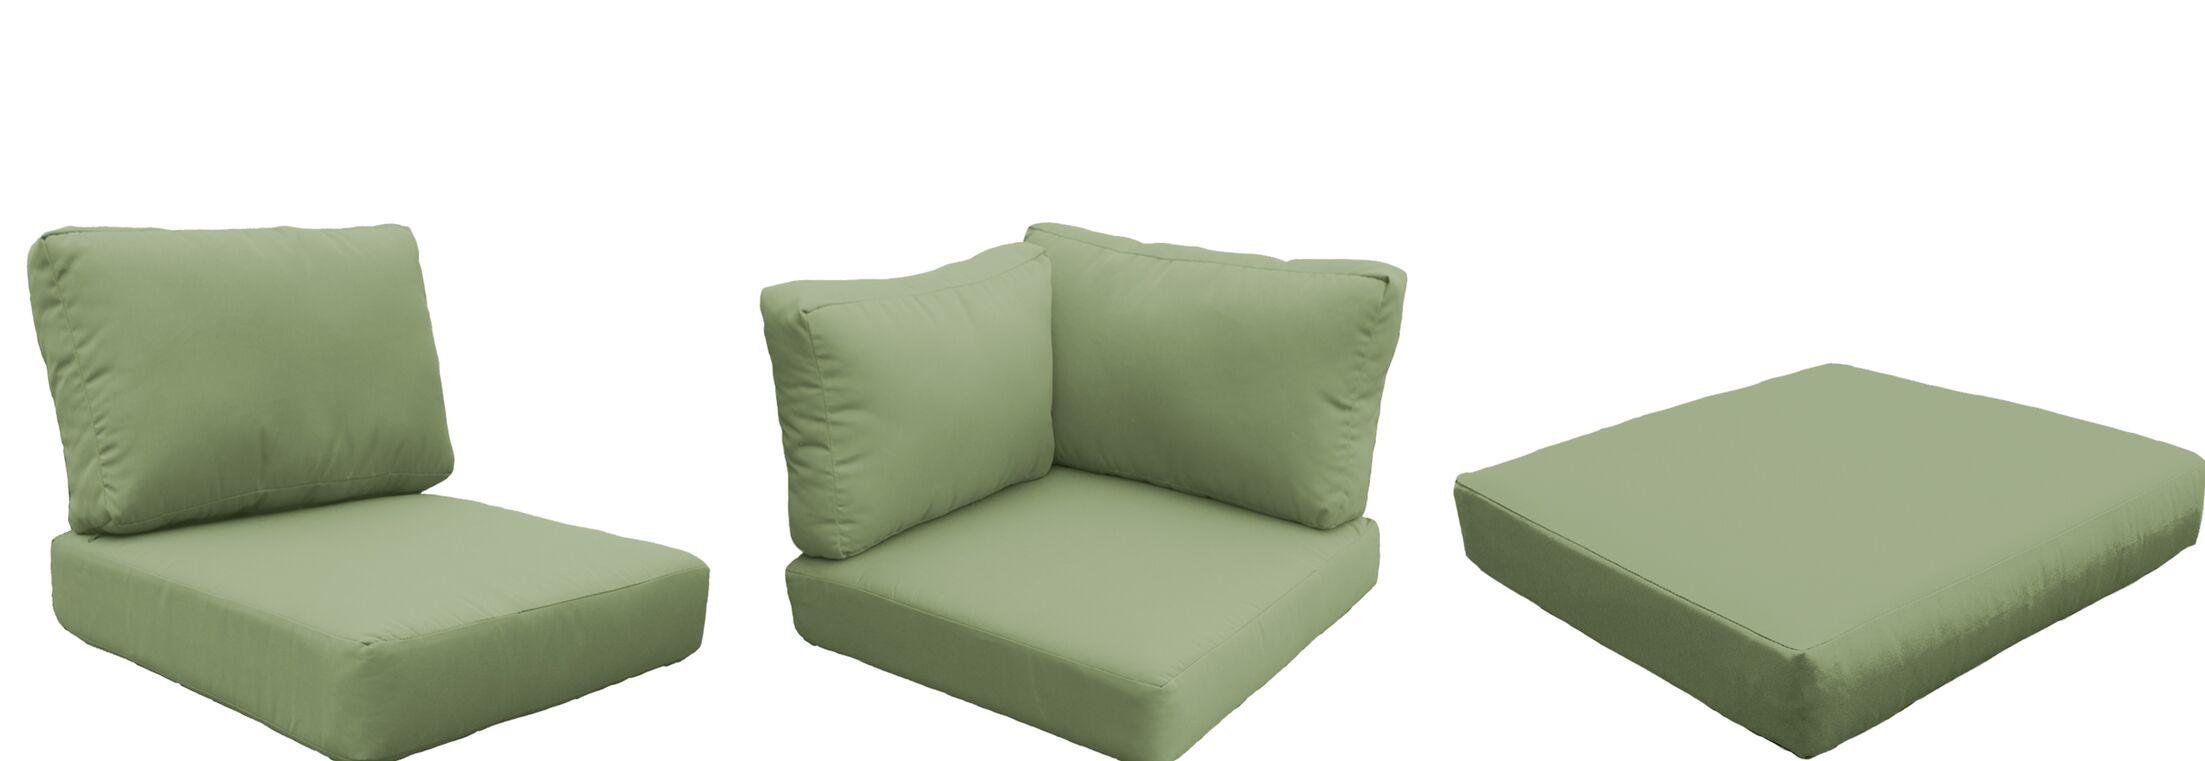 Barbados 12 Piece Outdoor Cushion Set Fabric: Cilantro